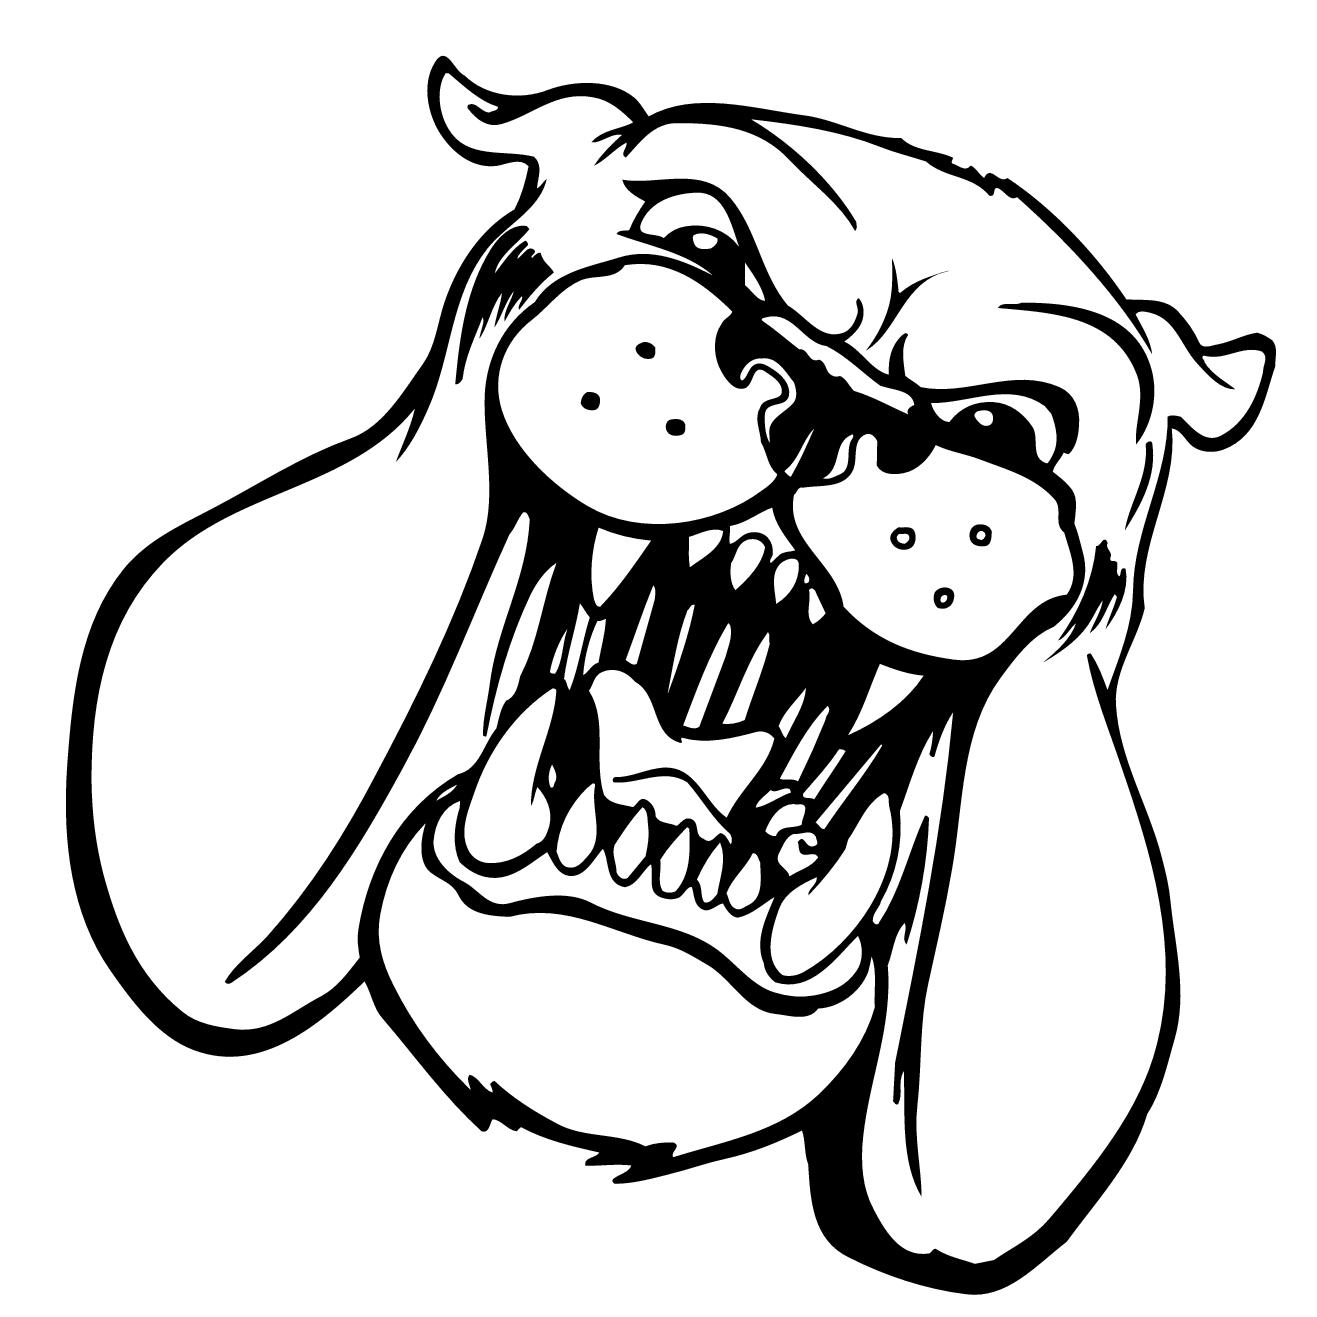 free bulldog clipart - Bulldog Clipart